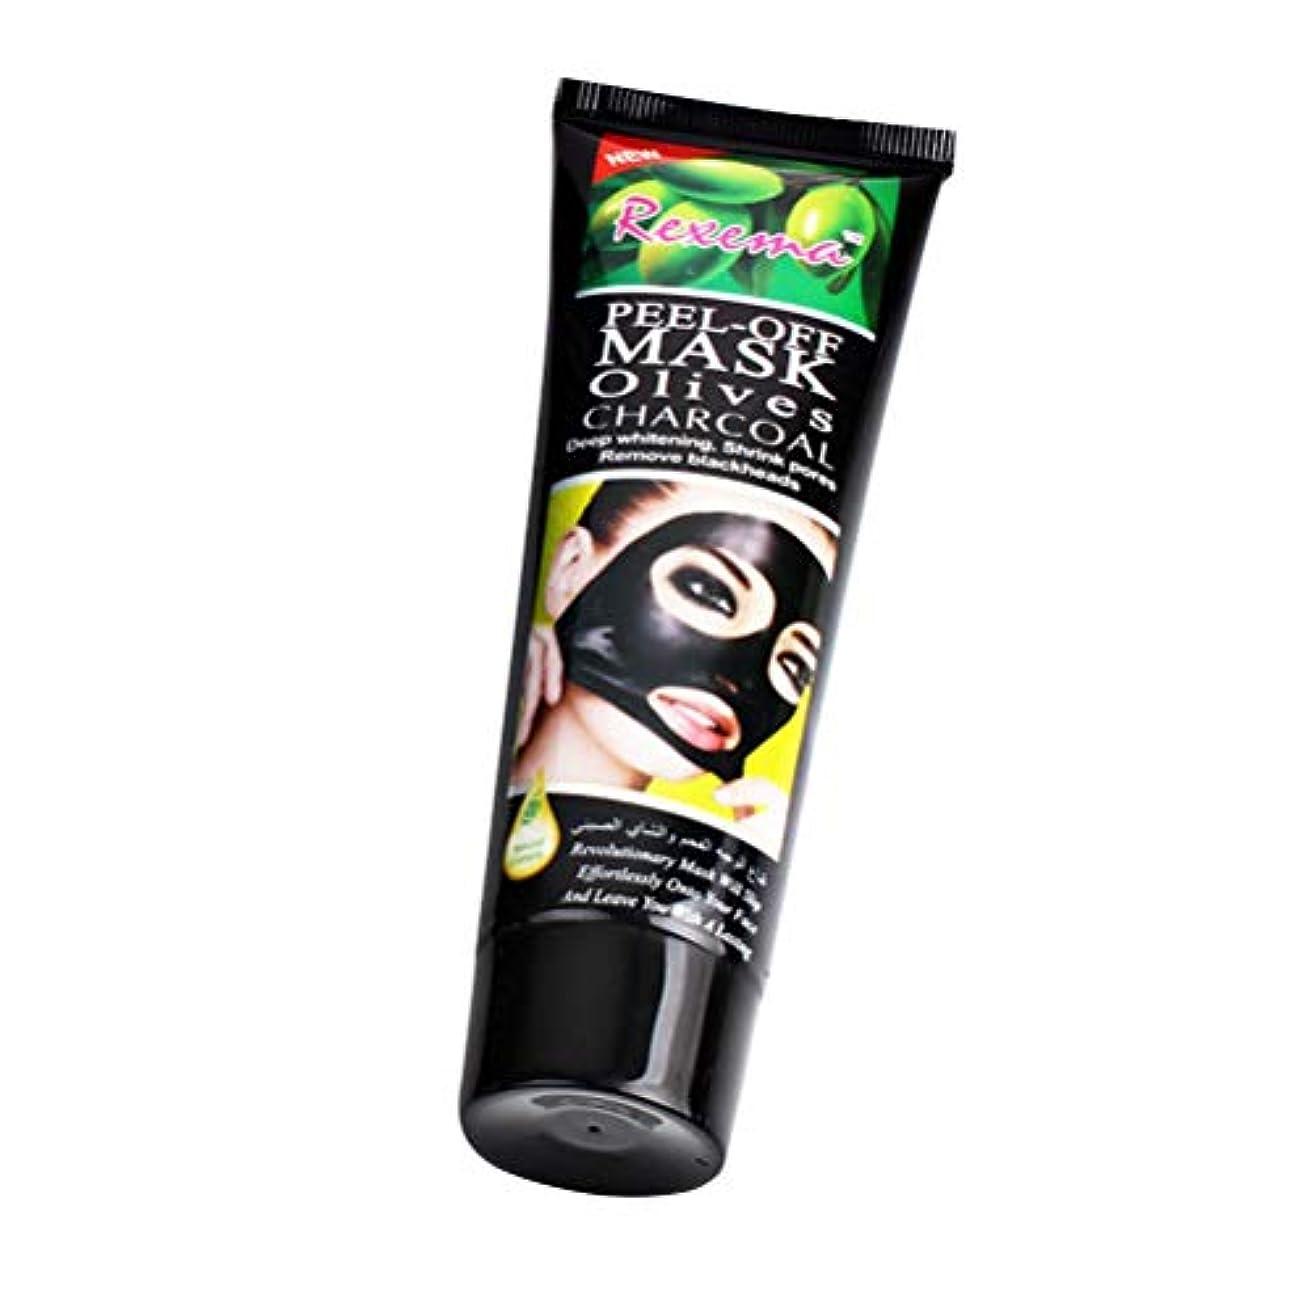 レジ拡散する素敵なSUPVOX にきびの顔の毛穴の最小化装置の深い毛穴の浄化の処置のための自然なオリーブの顔のマスクの顔のマスクはしわのクリーニングおよび養う顔を減らします